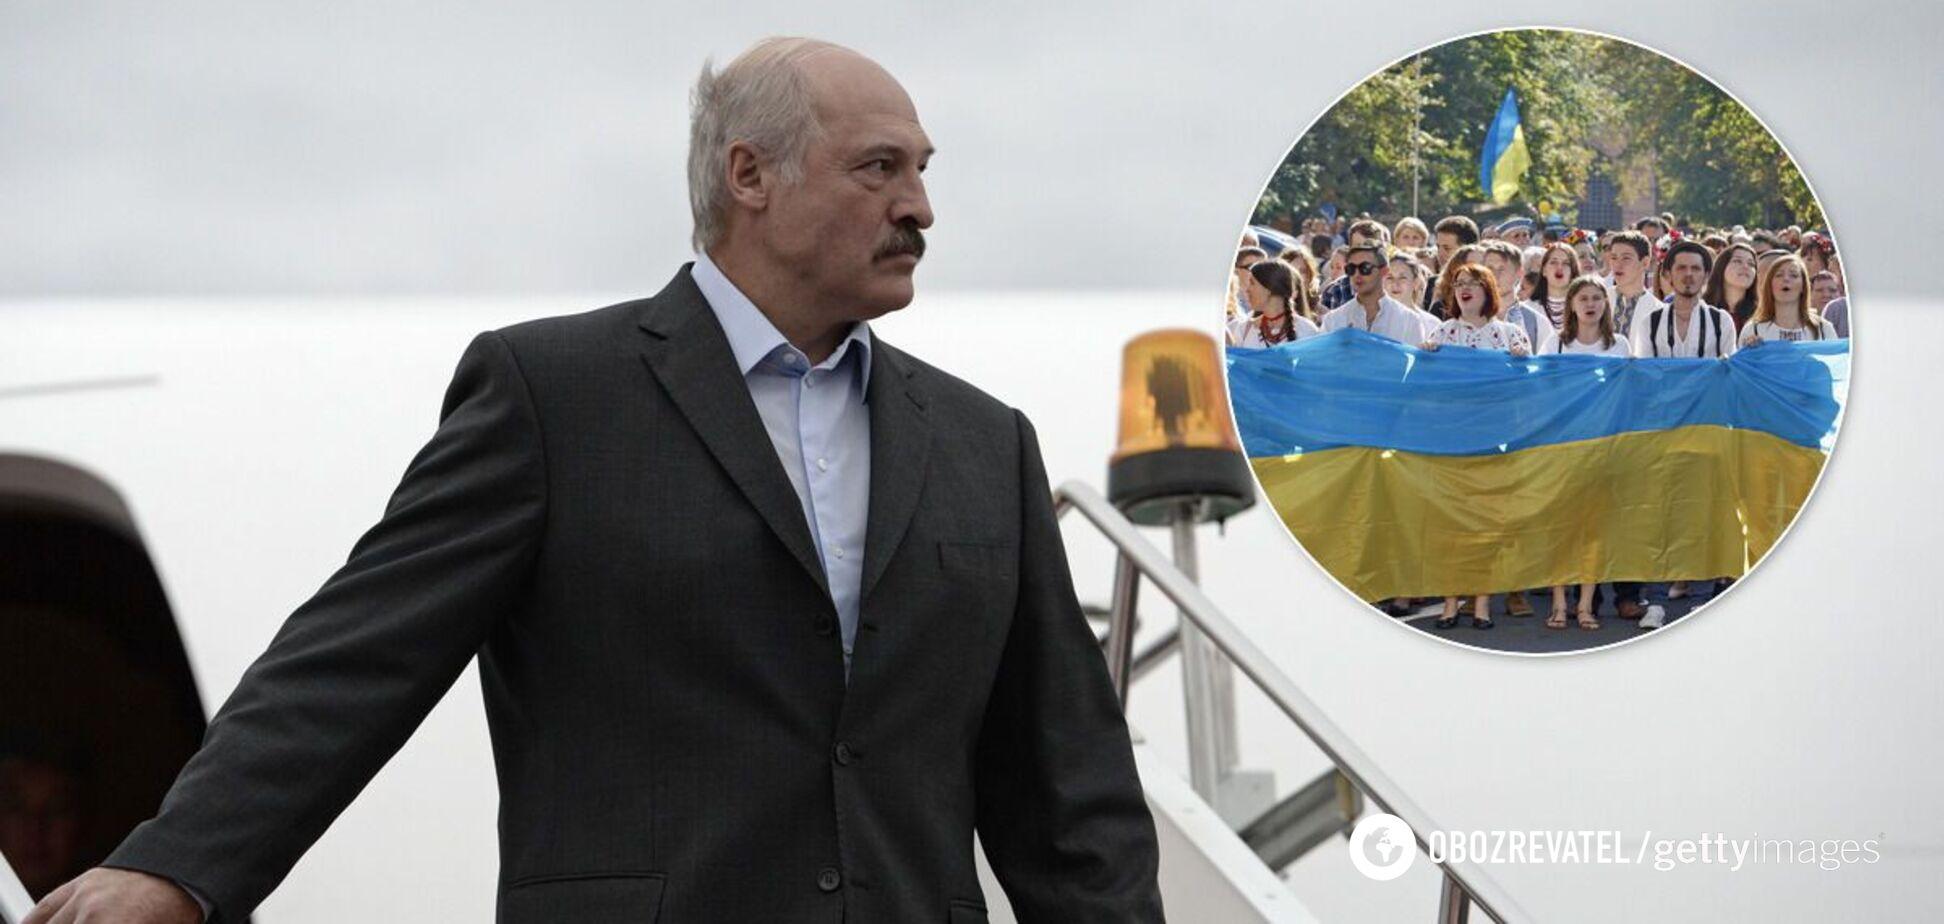 Лукашенко хотел стать президентом союза Беларуси и Украины, заявил Туск